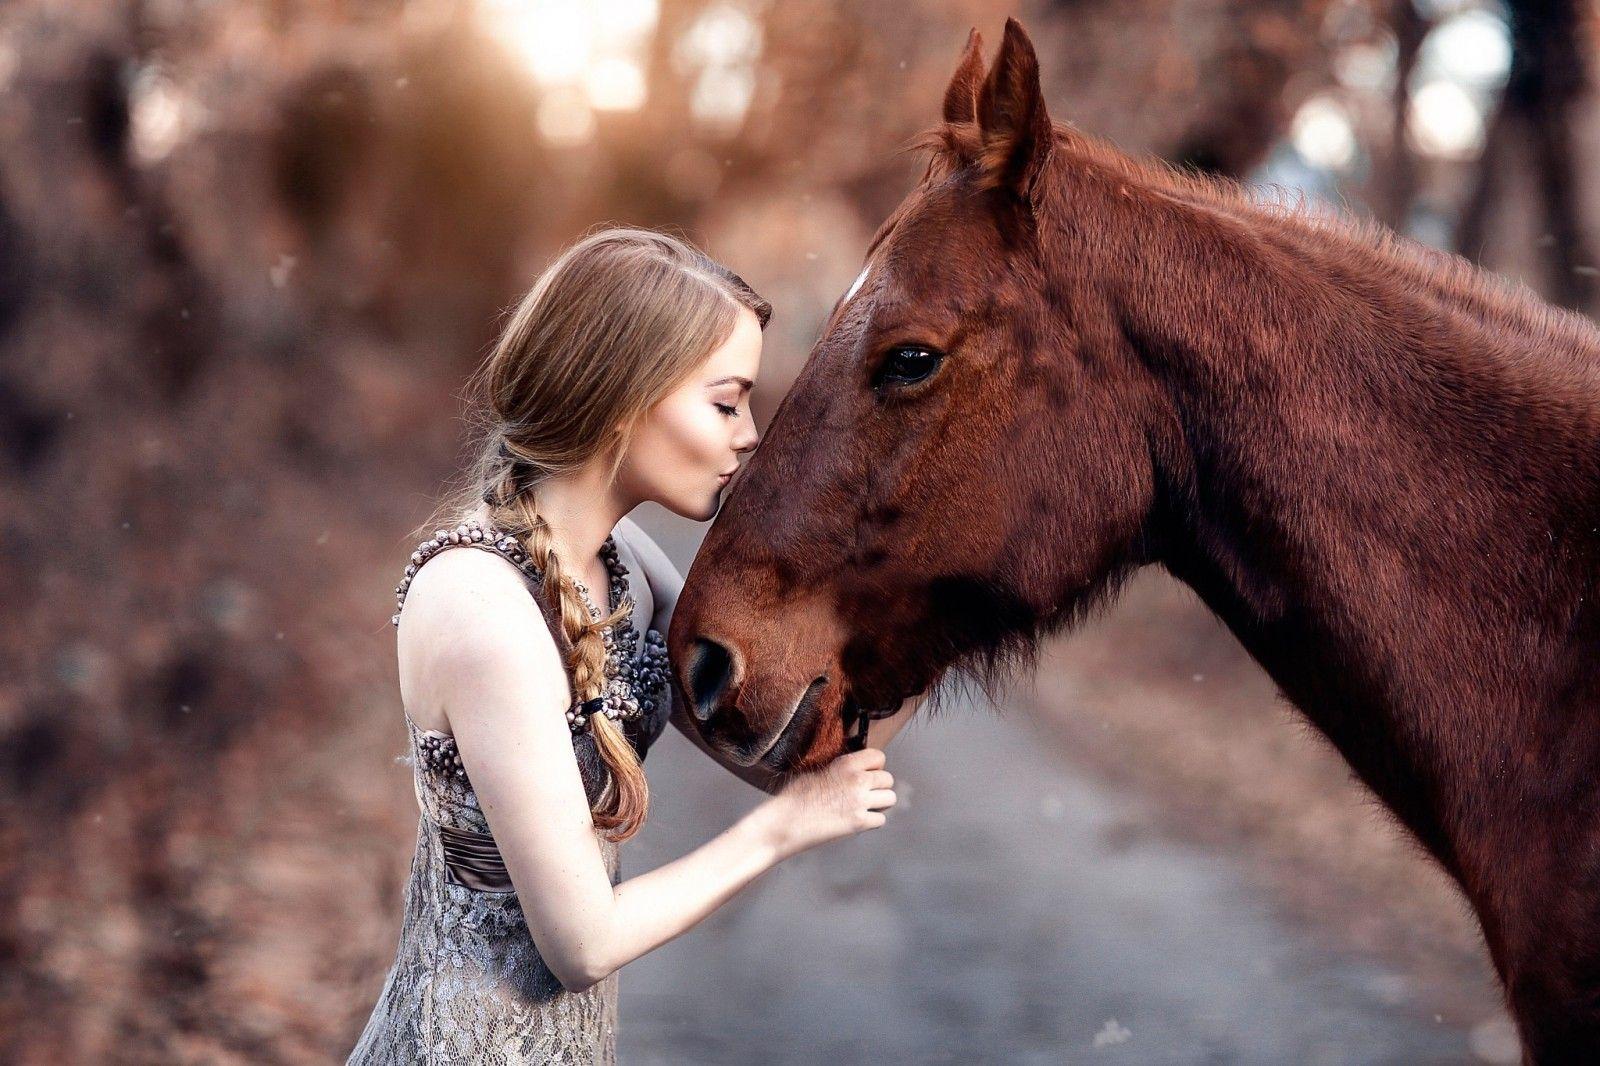 фото людей с конями что чует, прям